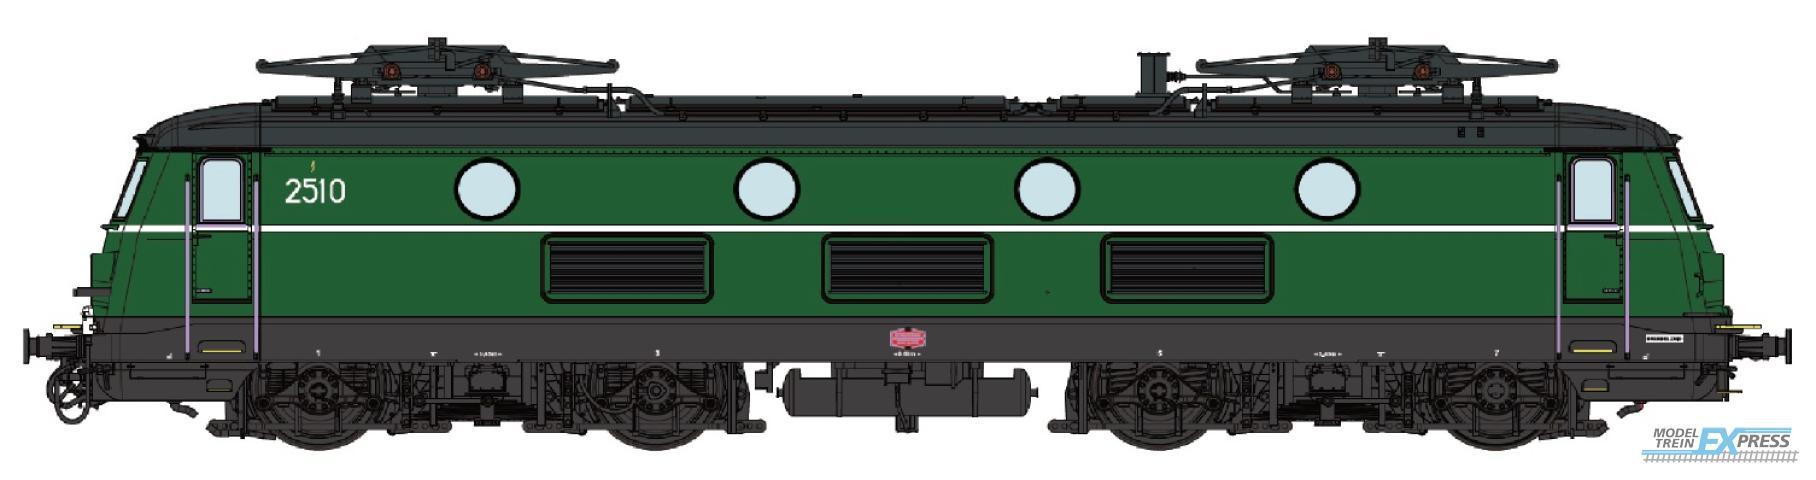 B-Models 3203.05